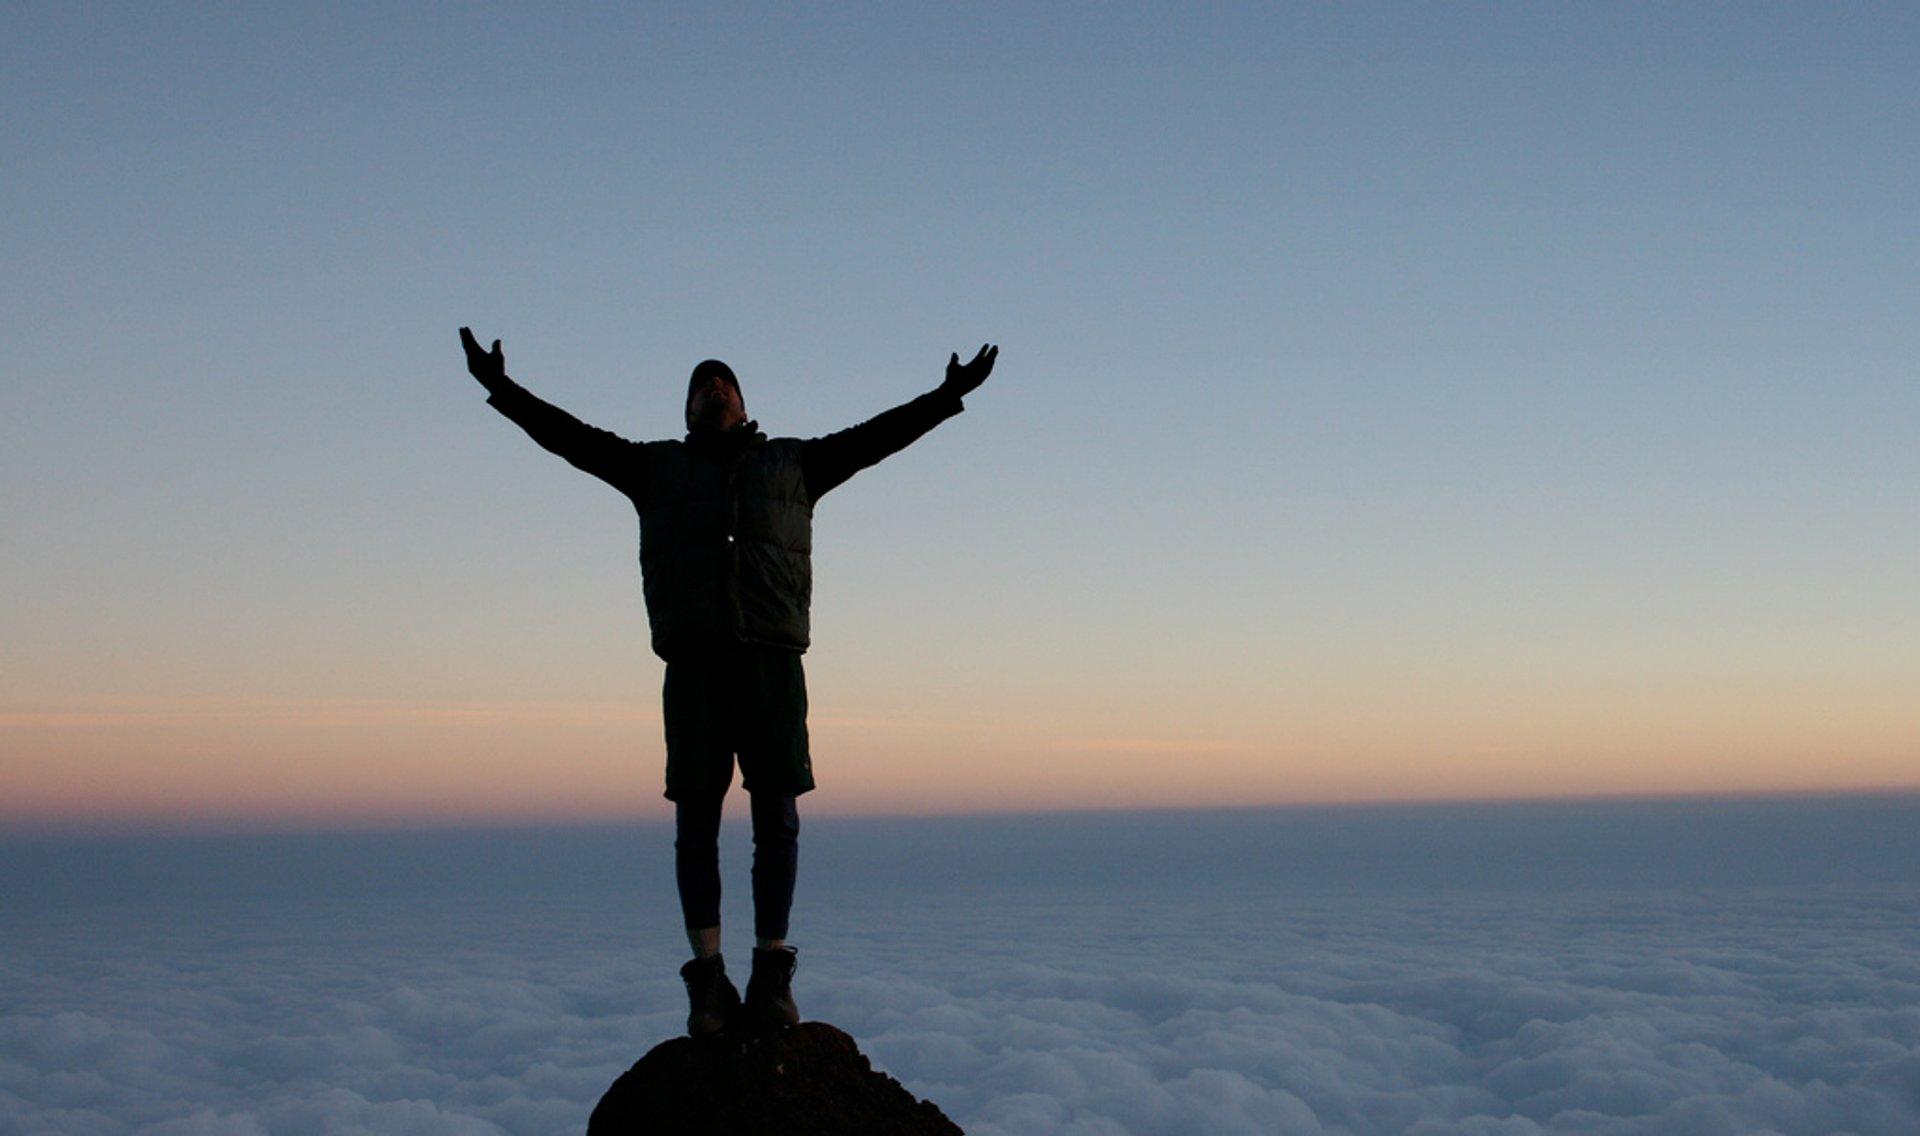 Climbing Kilimanjaro in Tanzania - Best Season 2019